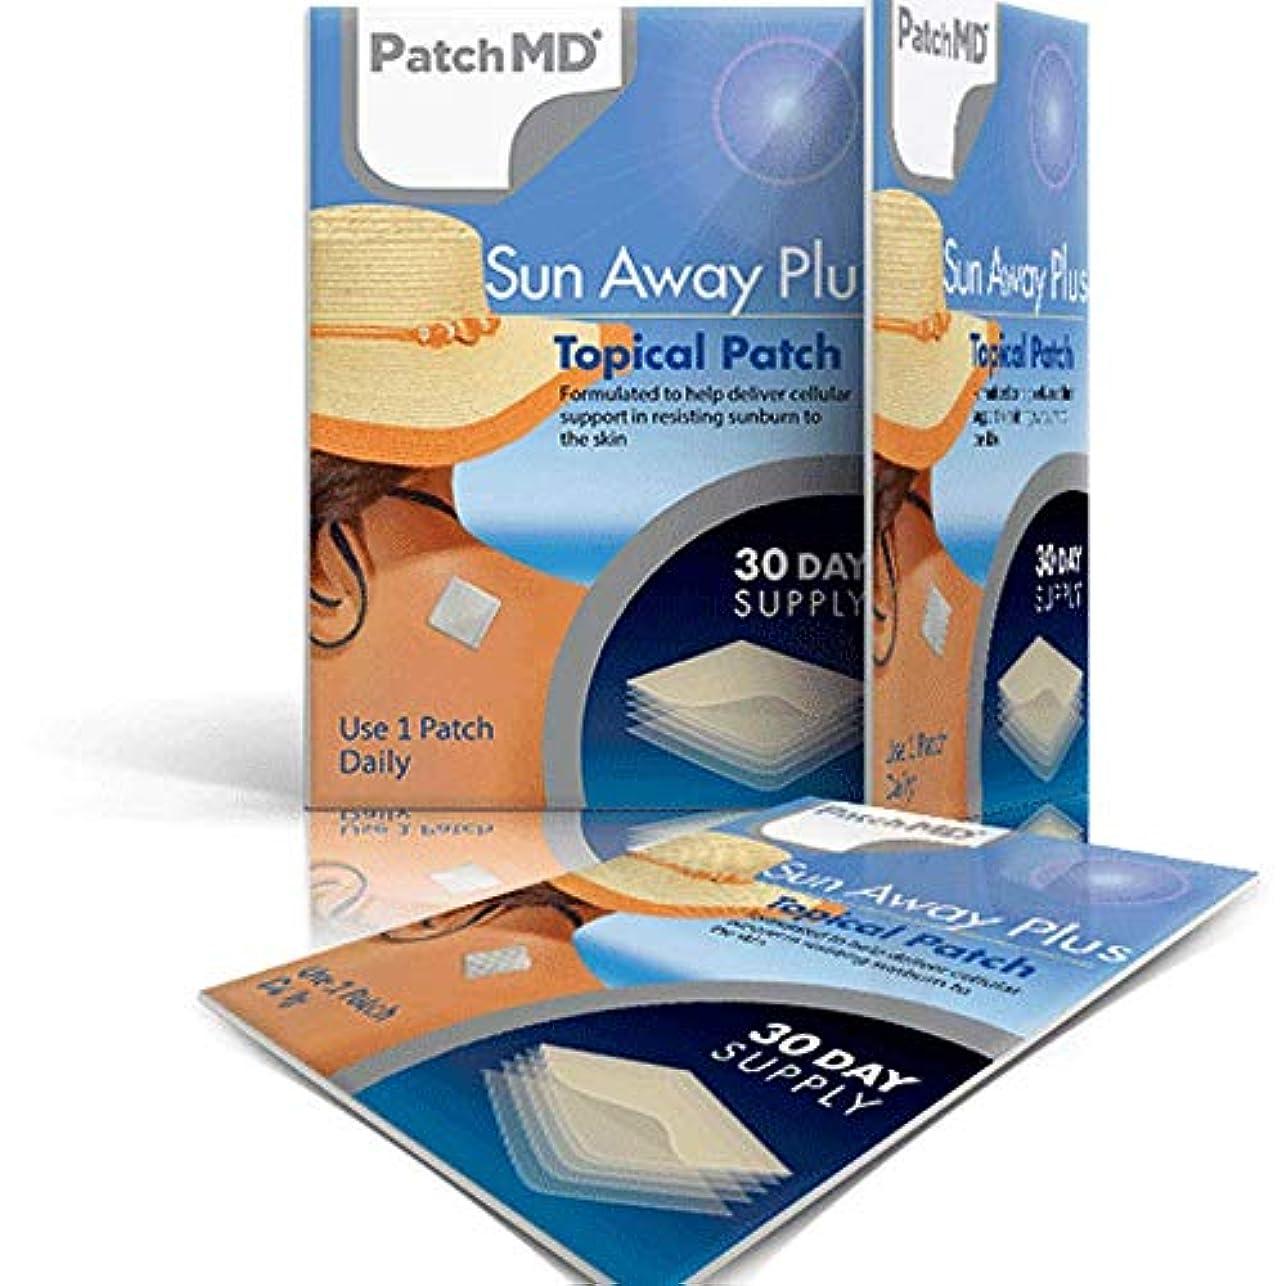 従順したがって付添人パッチMD サンアウェイプラス 30パッチ 1袋 Sun Away Plus Topical Patch